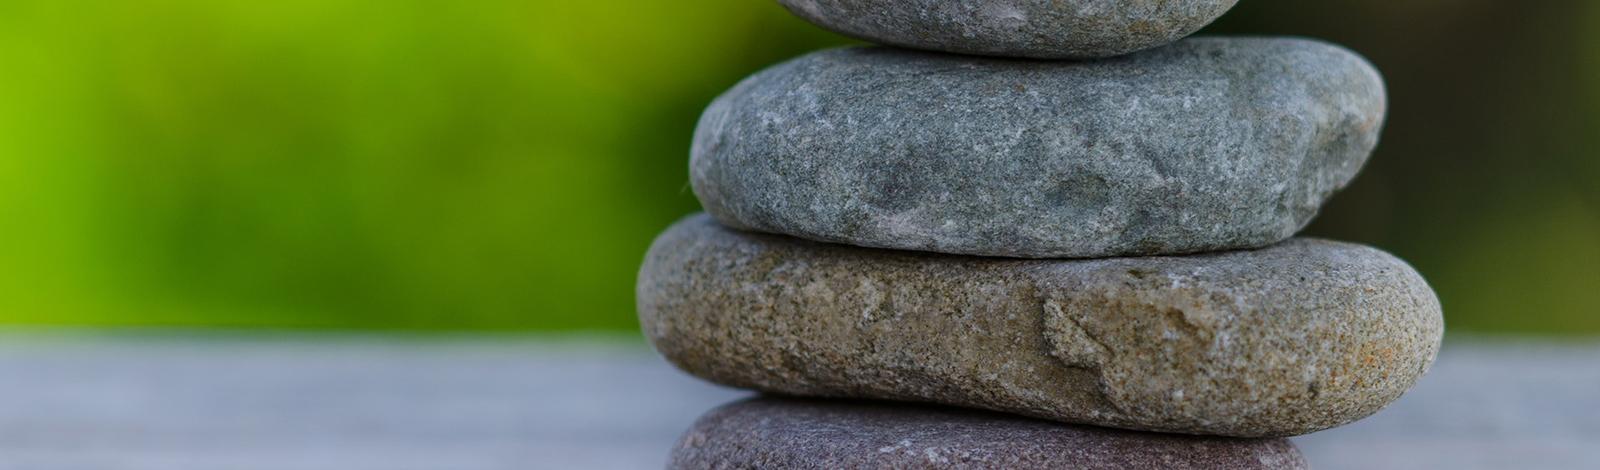 Zen stacked stones